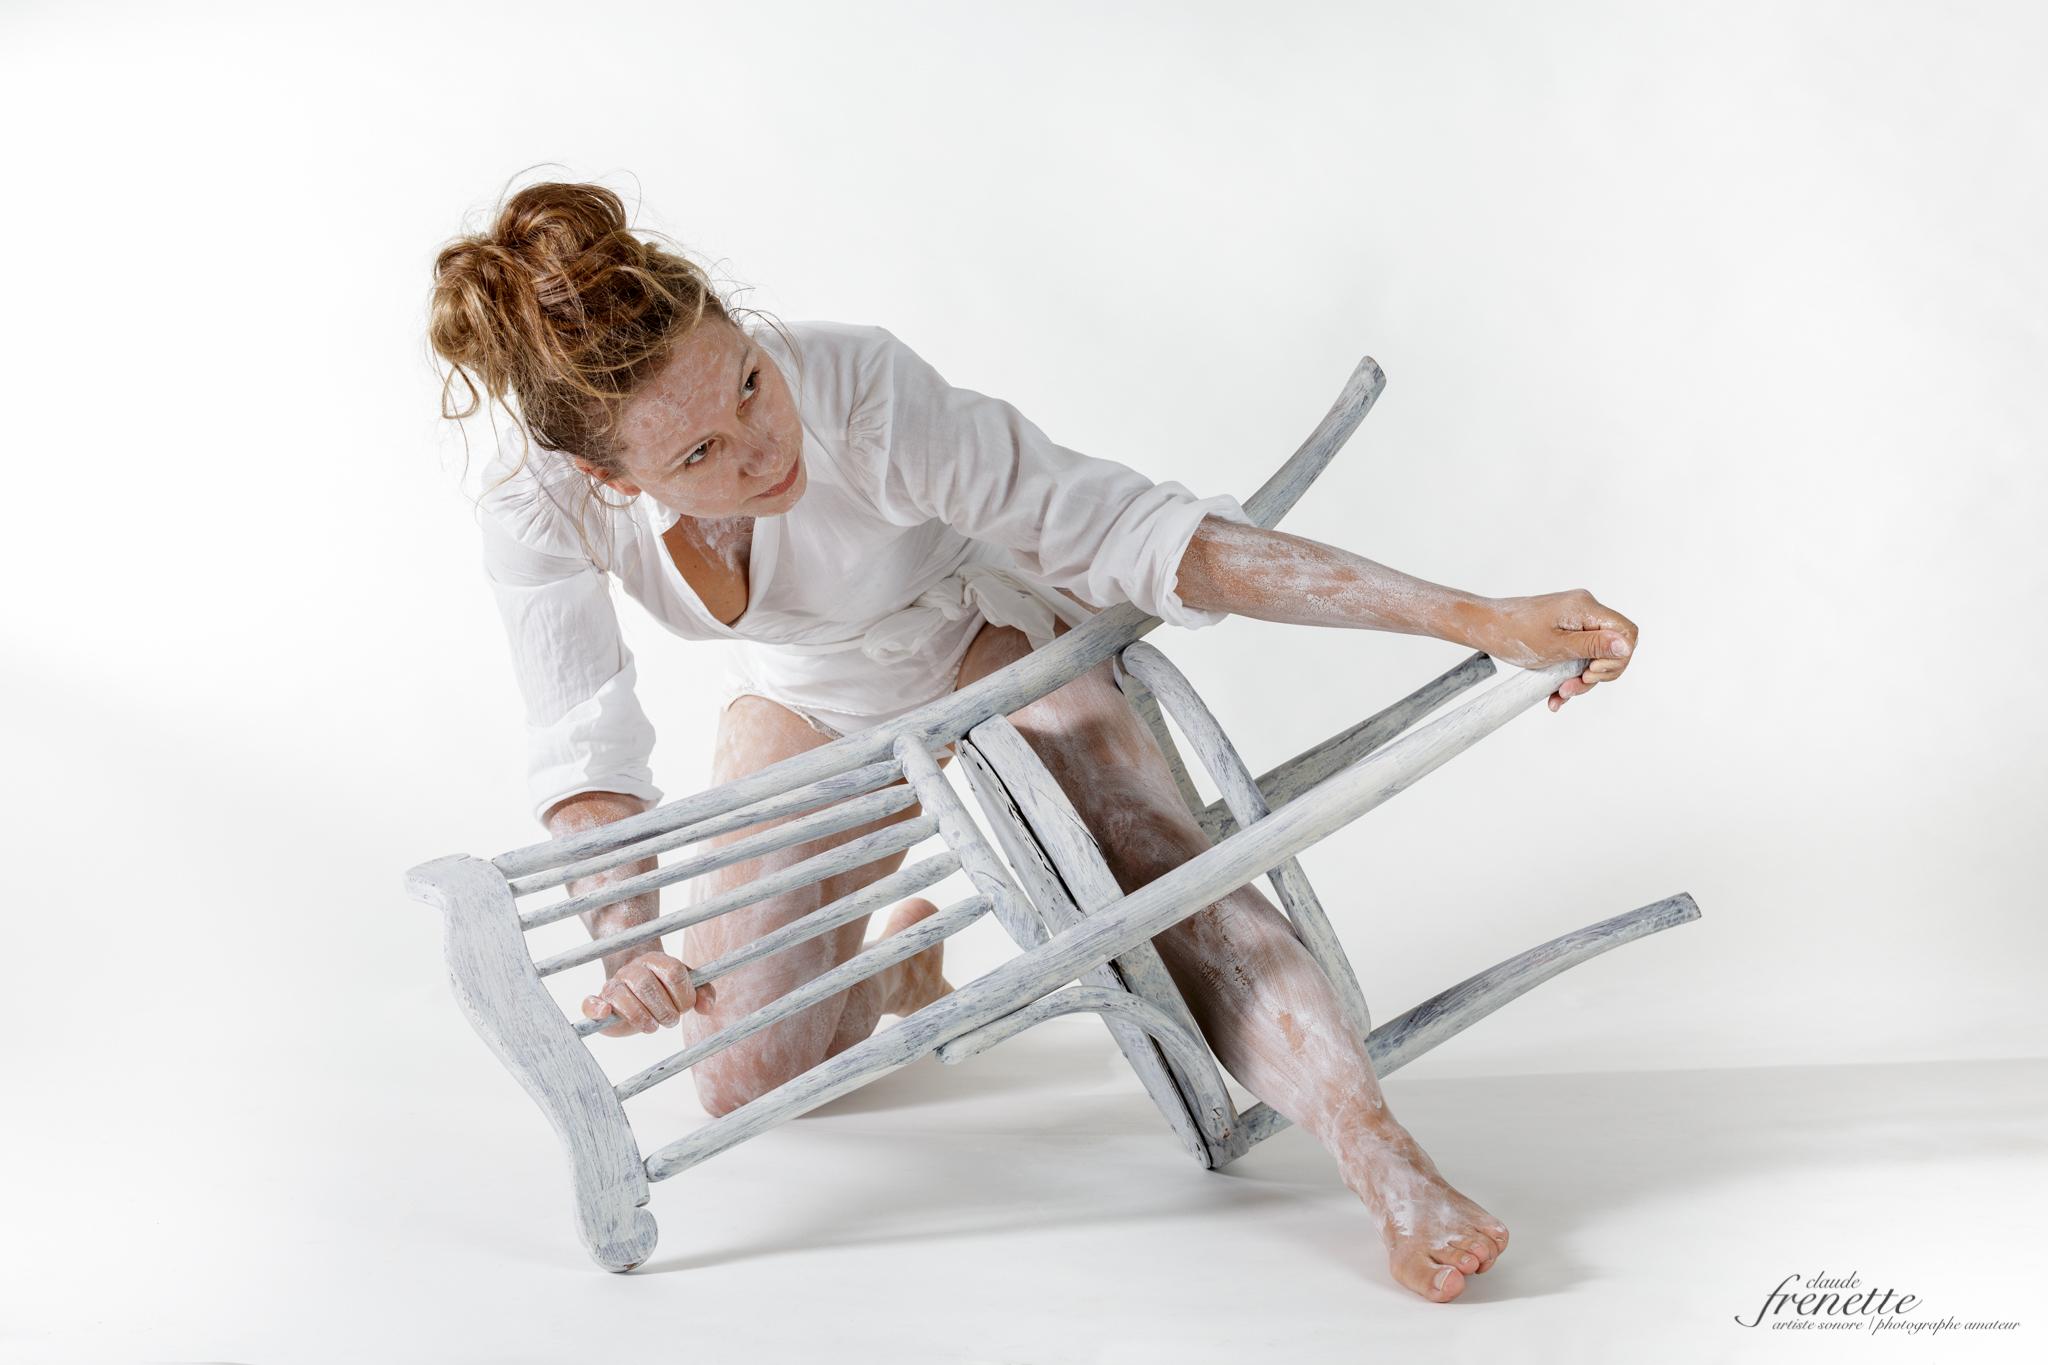 le corps et la chaise - combat